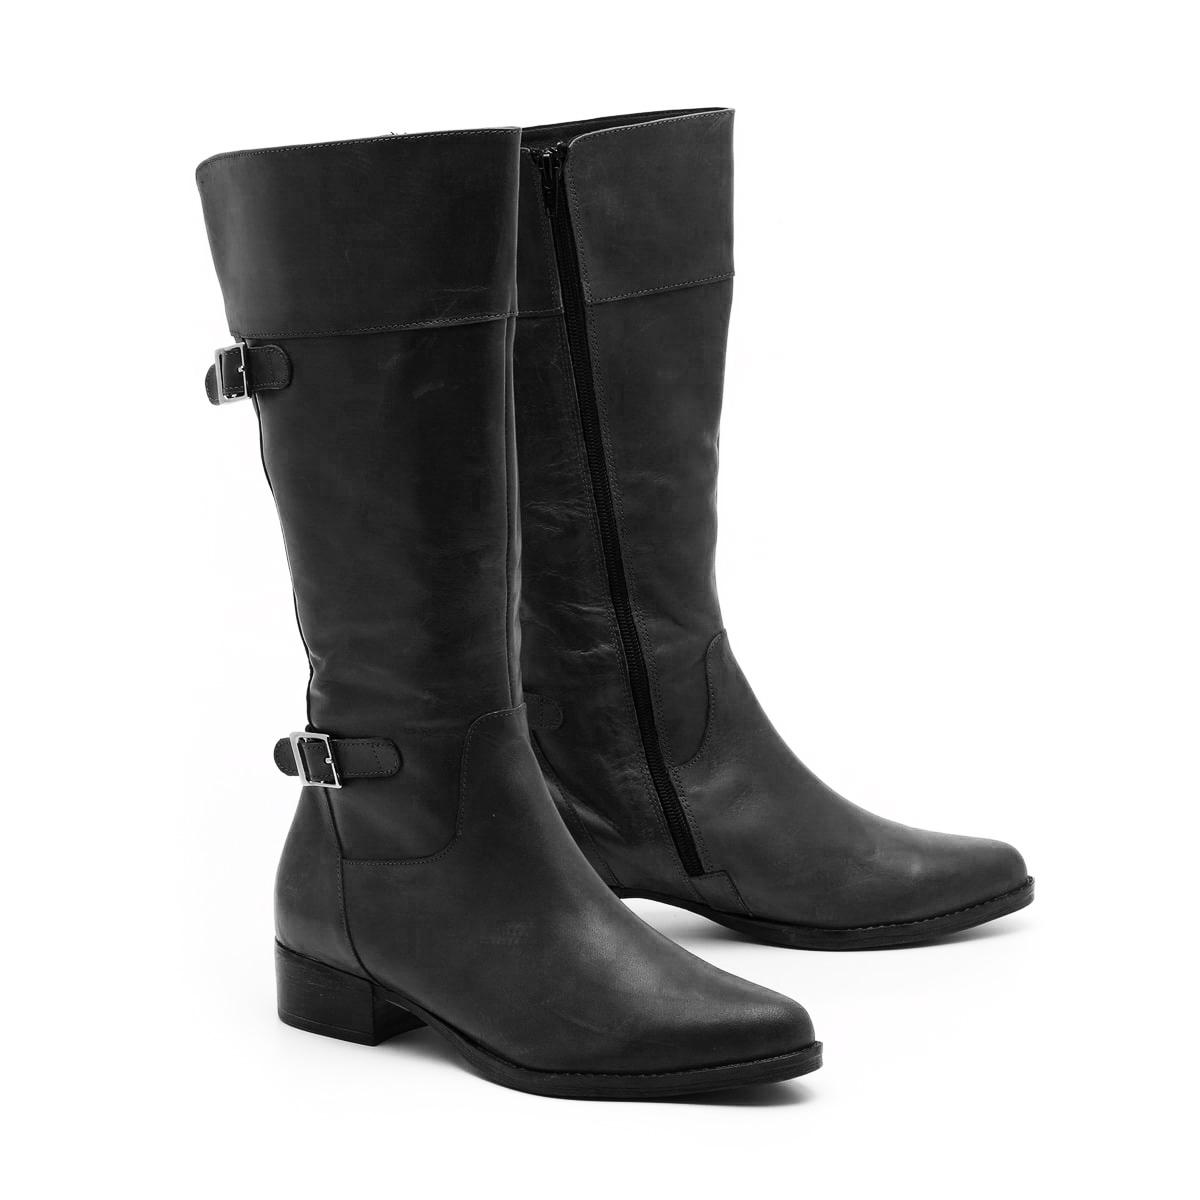 דגם פריסיליה: מגפיים לנשים